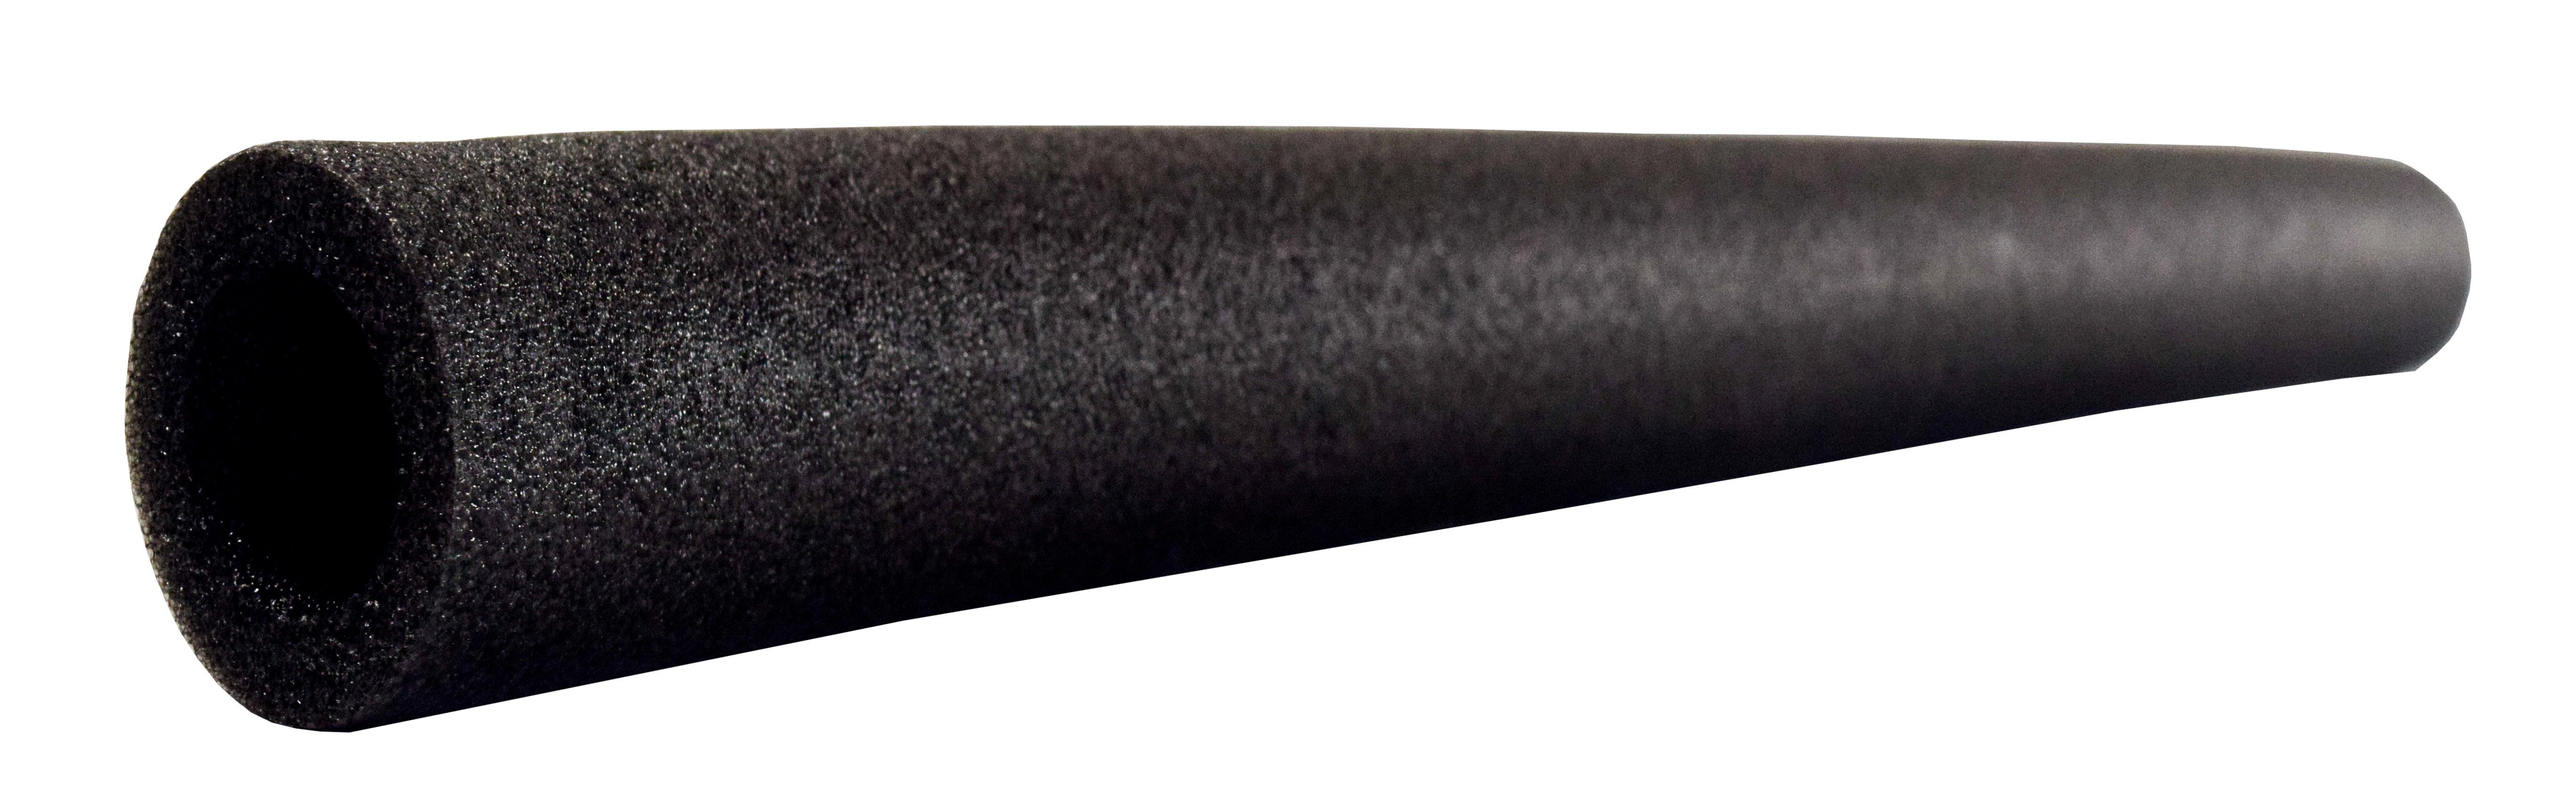 Aga Pěnová ochrana na trampolínové tyče MIRELON 50 cm Black